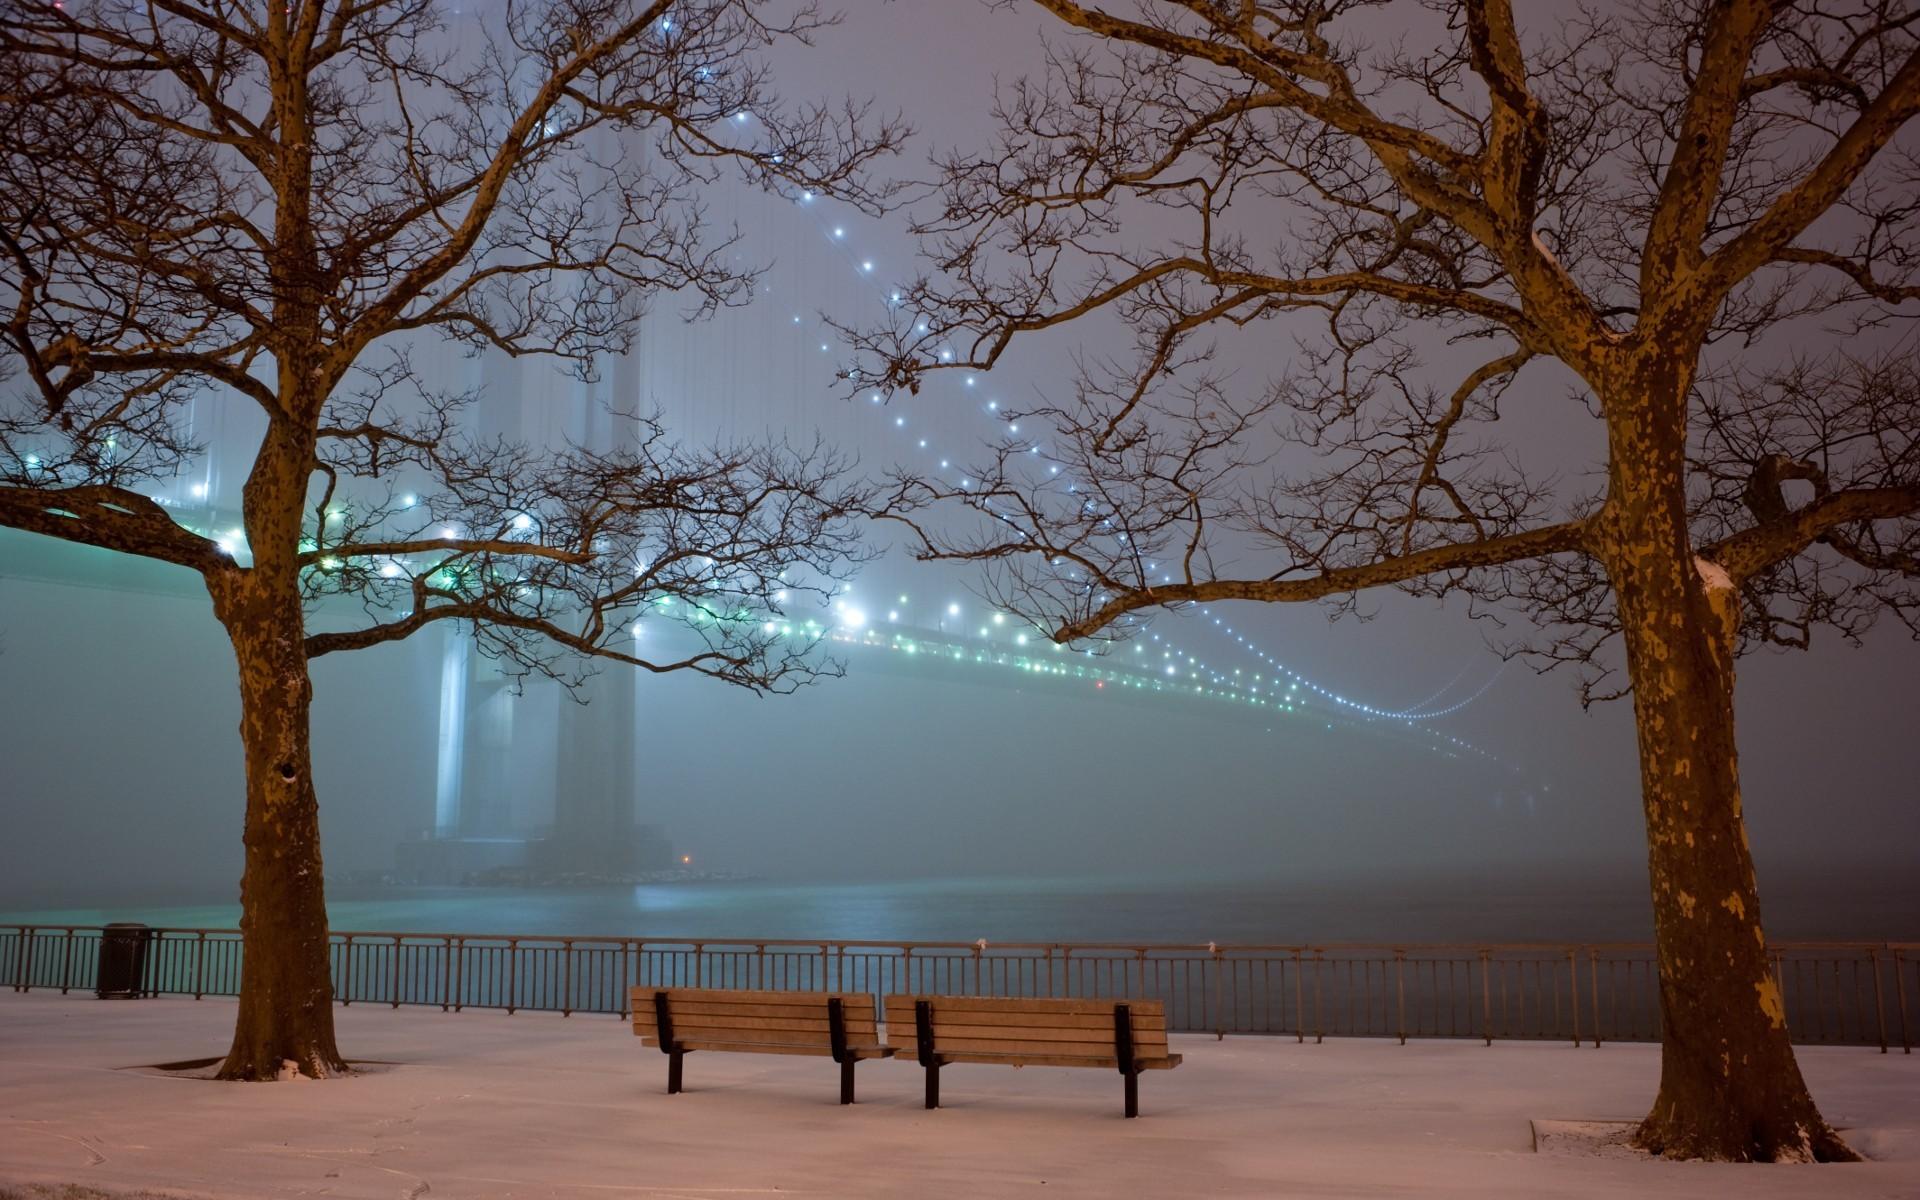 NYC Winter Scenes Wallpaper – WallpaperSafari